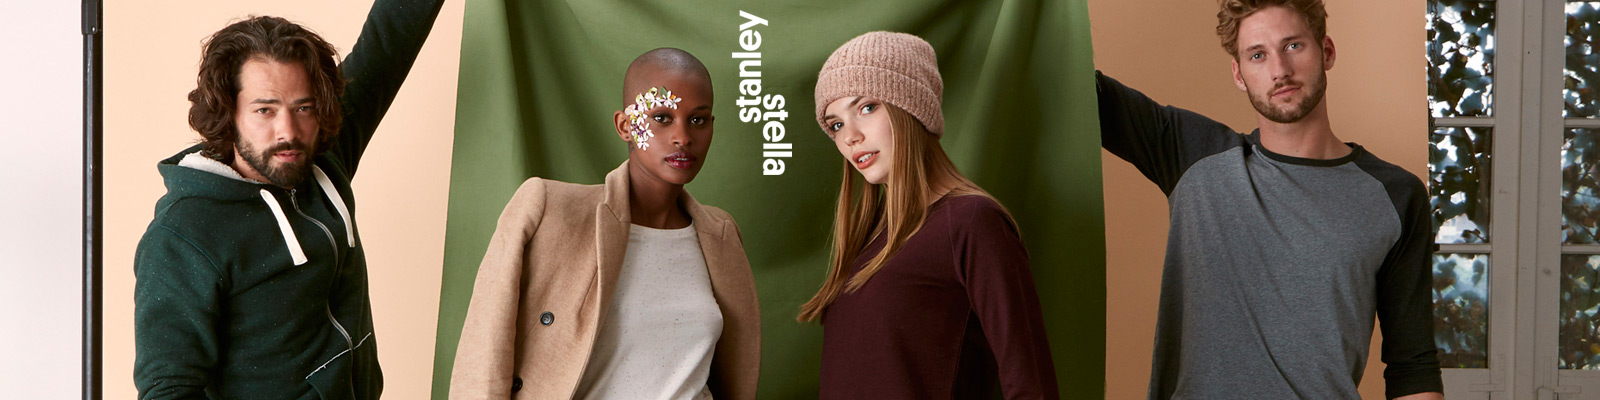 Makesigns Mediendesign Linkenheim-Hochstetten - Werbung, Marketing, Design und Textildruck. Offizieller Stanley & Stella Händler.